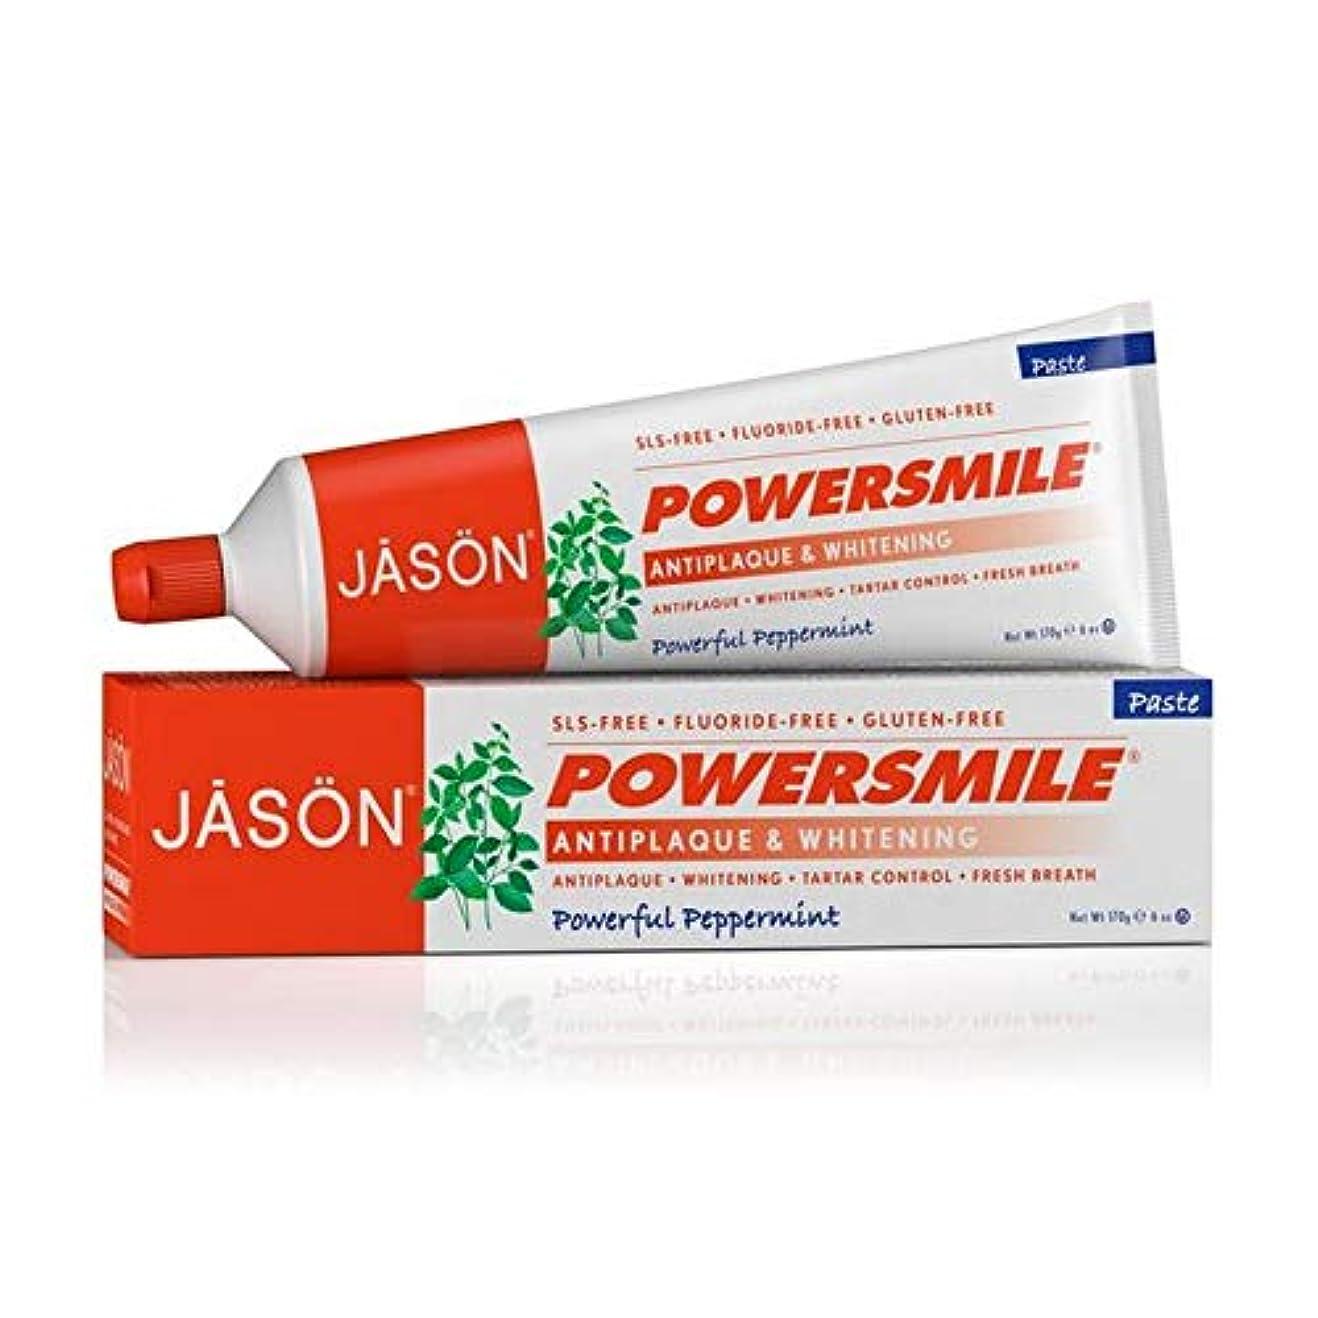 多様な広範囲肉の[Jason ] ジェイソンPowersmile歯磨き粉の170グラム - Jason Powersmile Toothpaste 170g [並行輸入品]